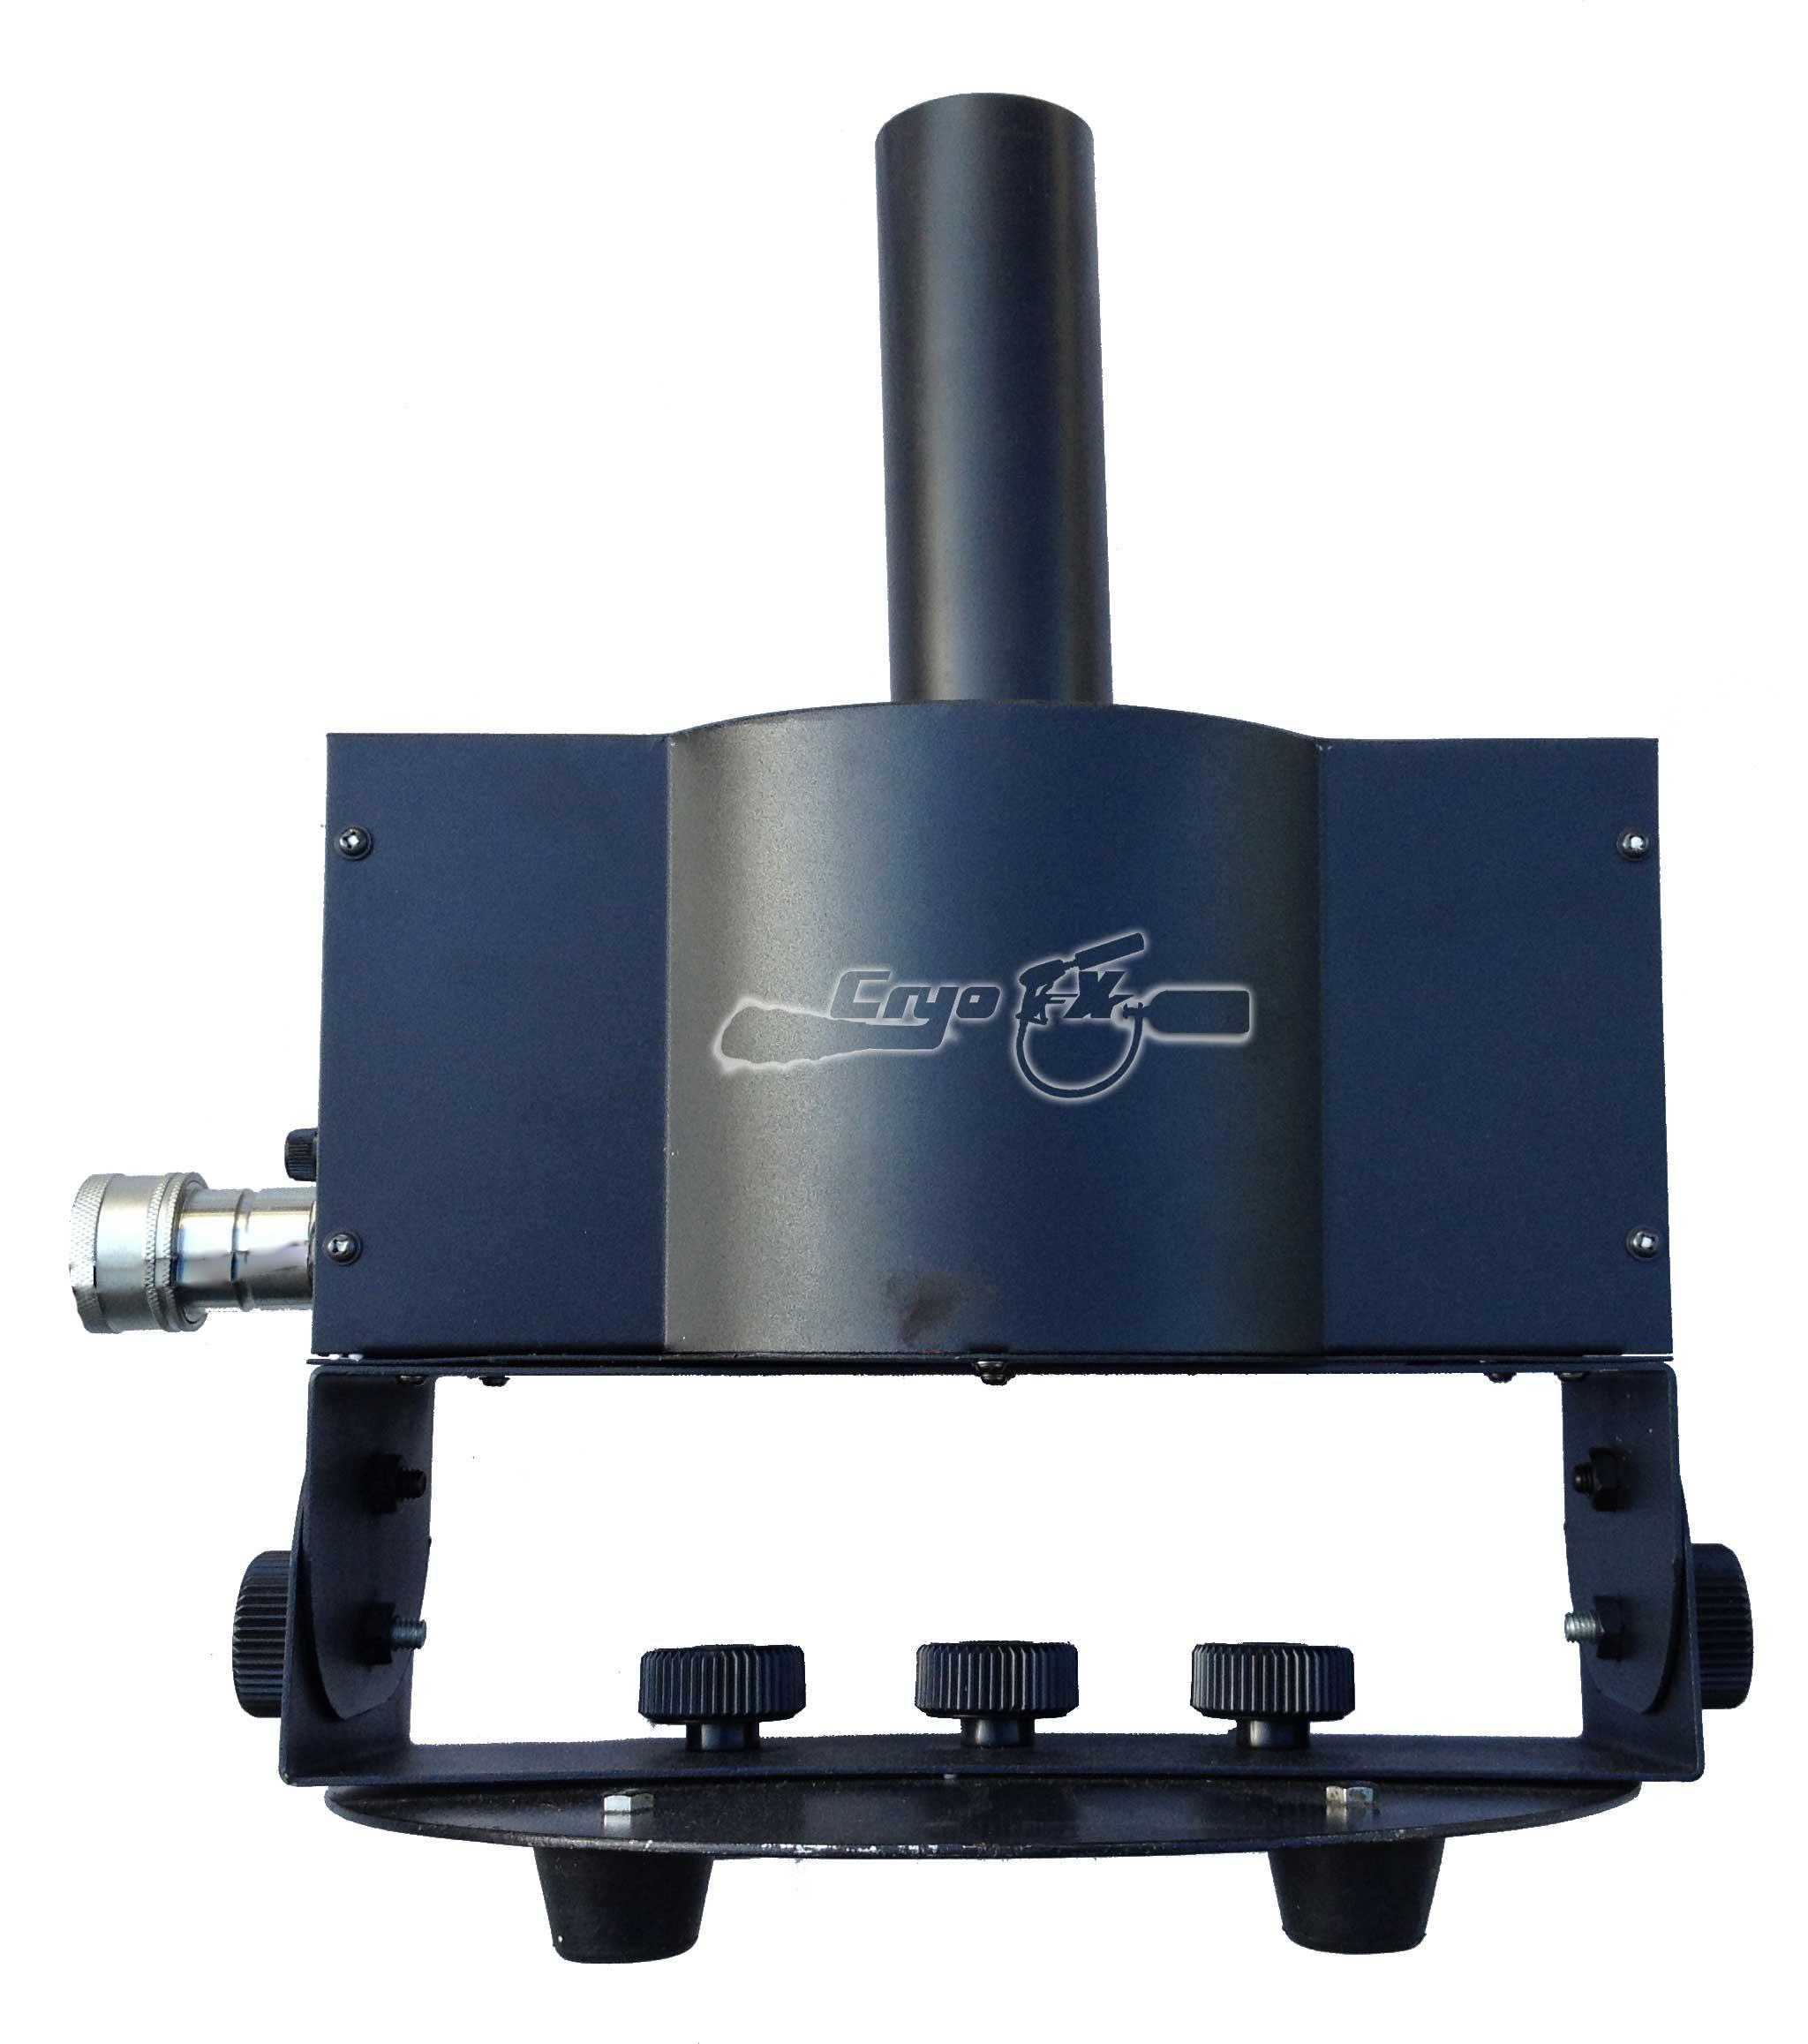 CryoFX-LED-Co2-Jet-switchable